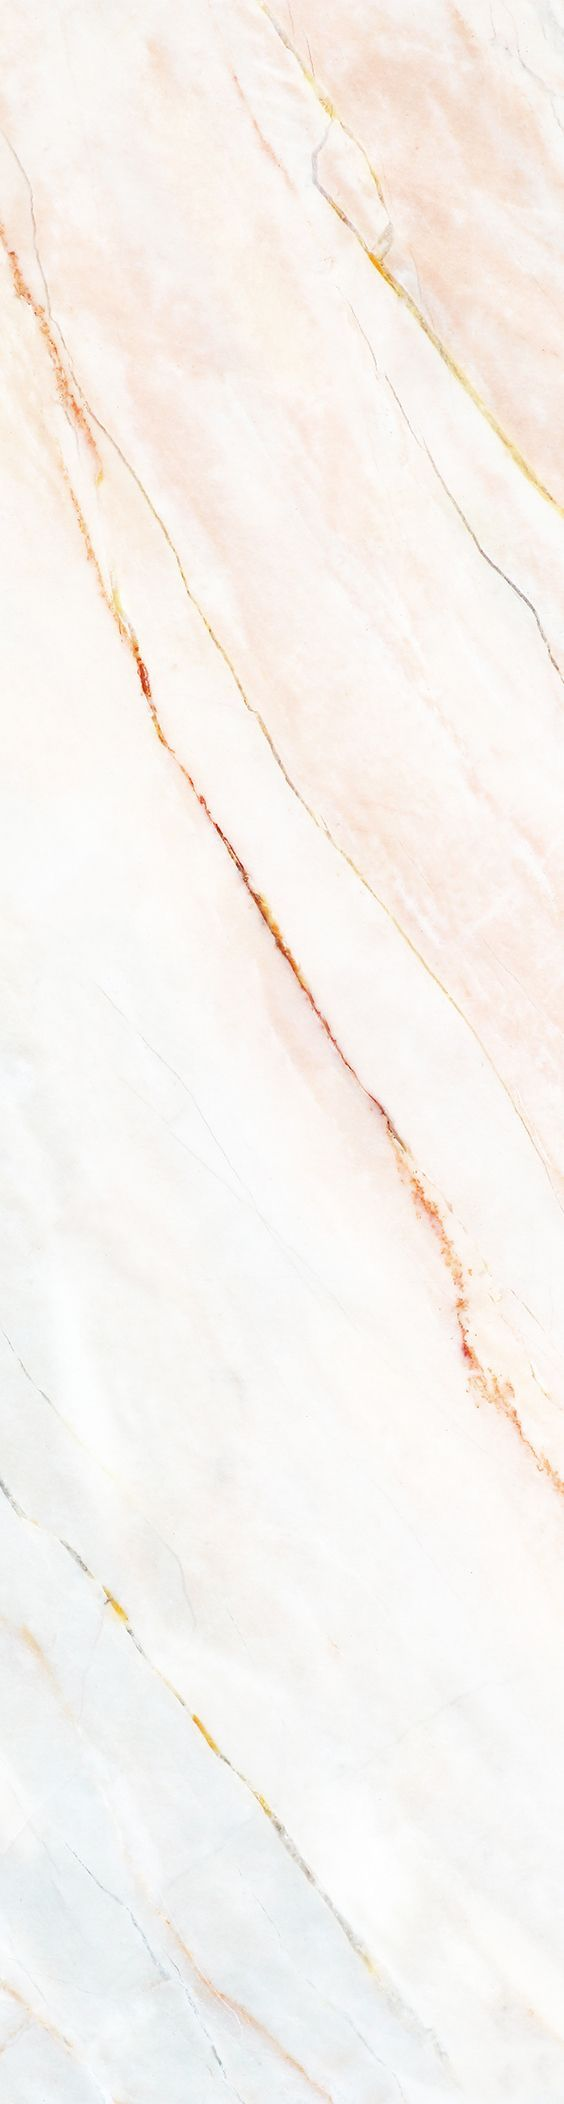 err tetes rosa ausgeblichen marmor tapete bilder aufh ngen anspruchsvoll und gerahmte bilder. Black Bedroom Furniture Sets. Home Design Ideas